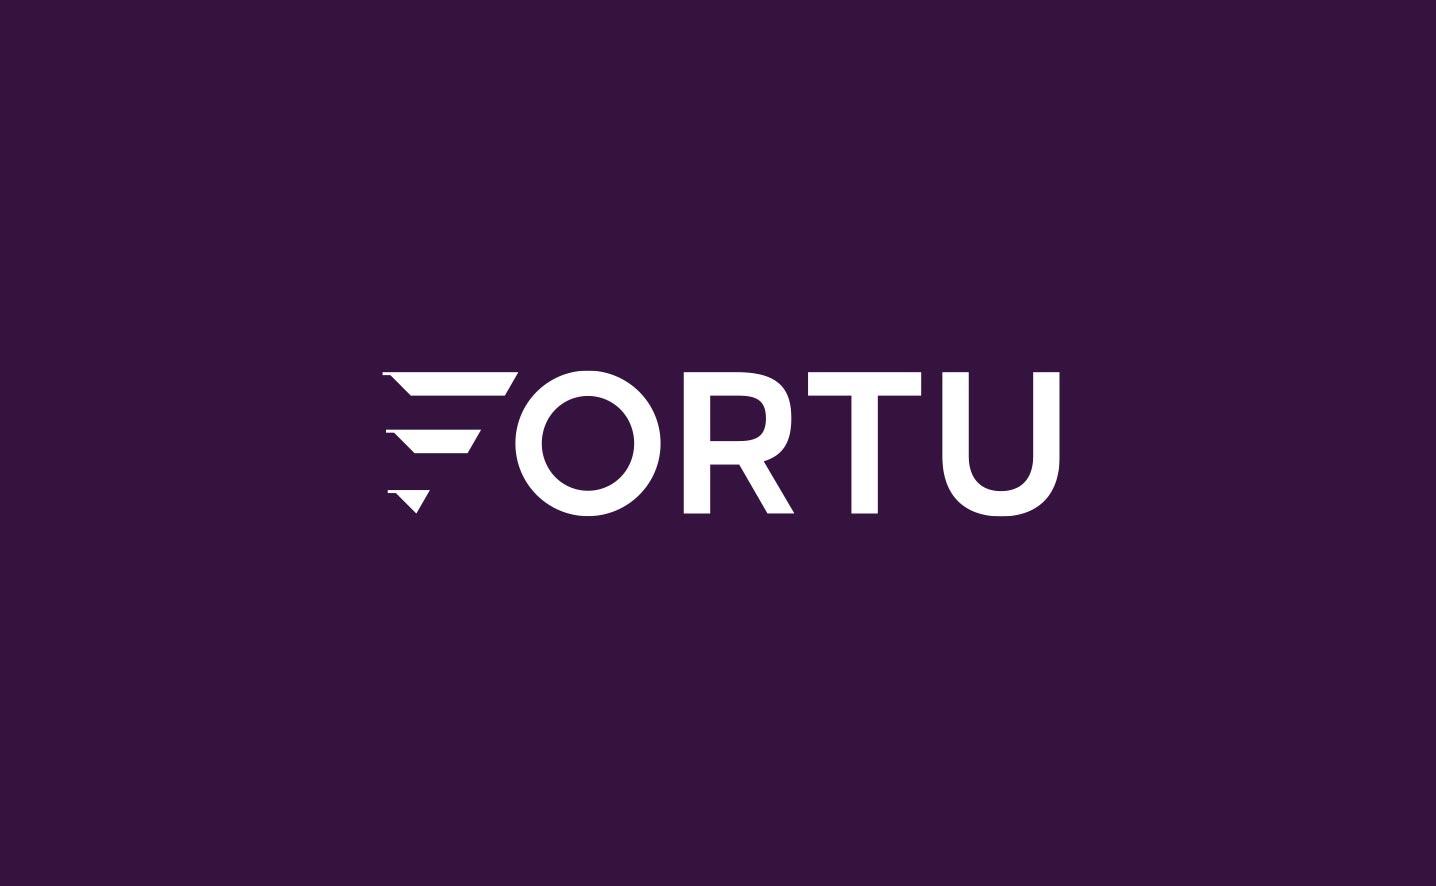 fortu-logo-design-ascend-1a